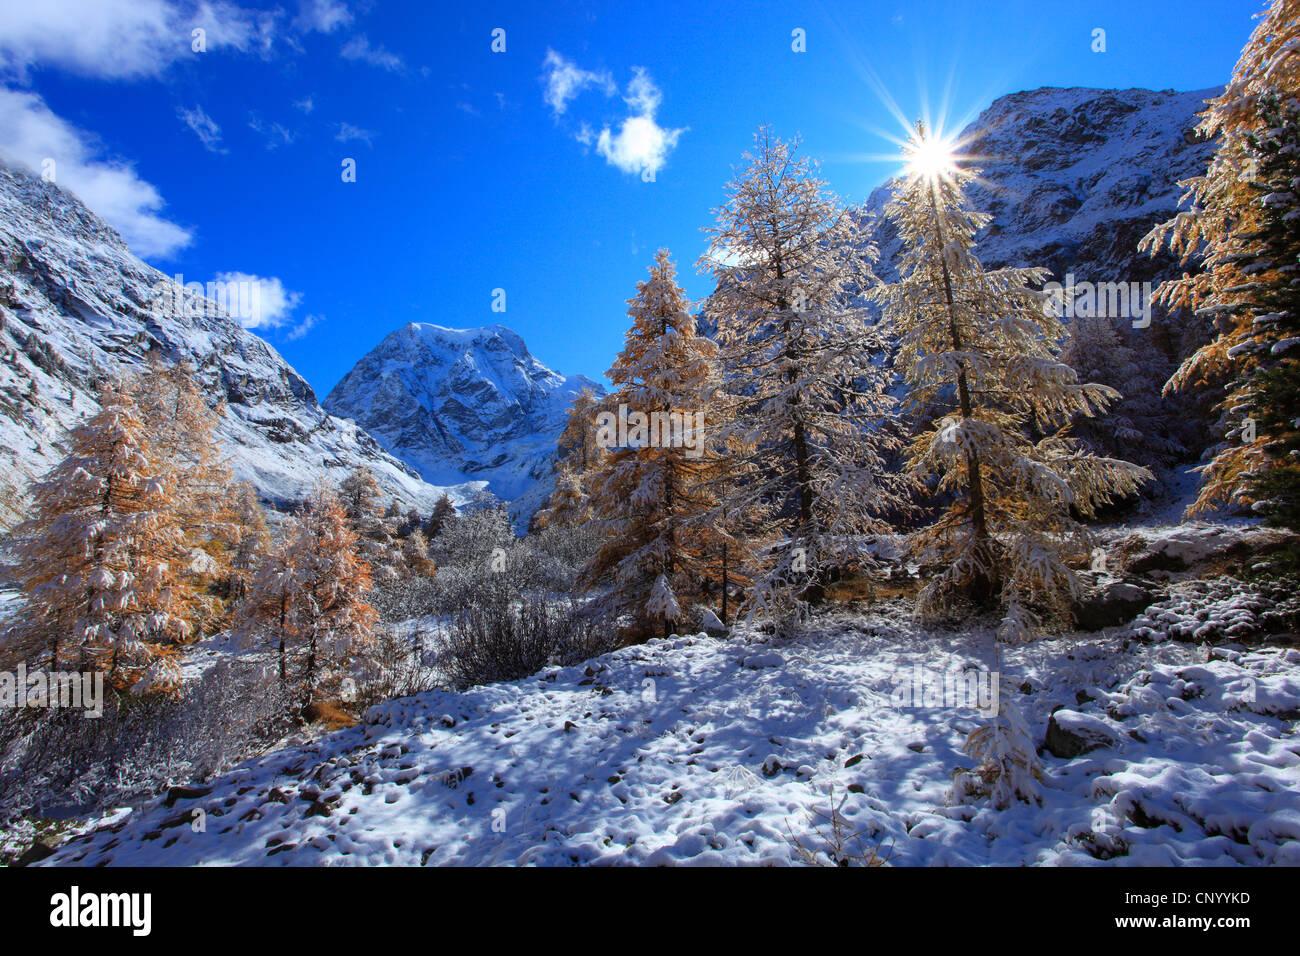 Snowy paesaggio di montagna con il Monte Collon, Arolla valley, Svizzera Vallese Immagini Stock